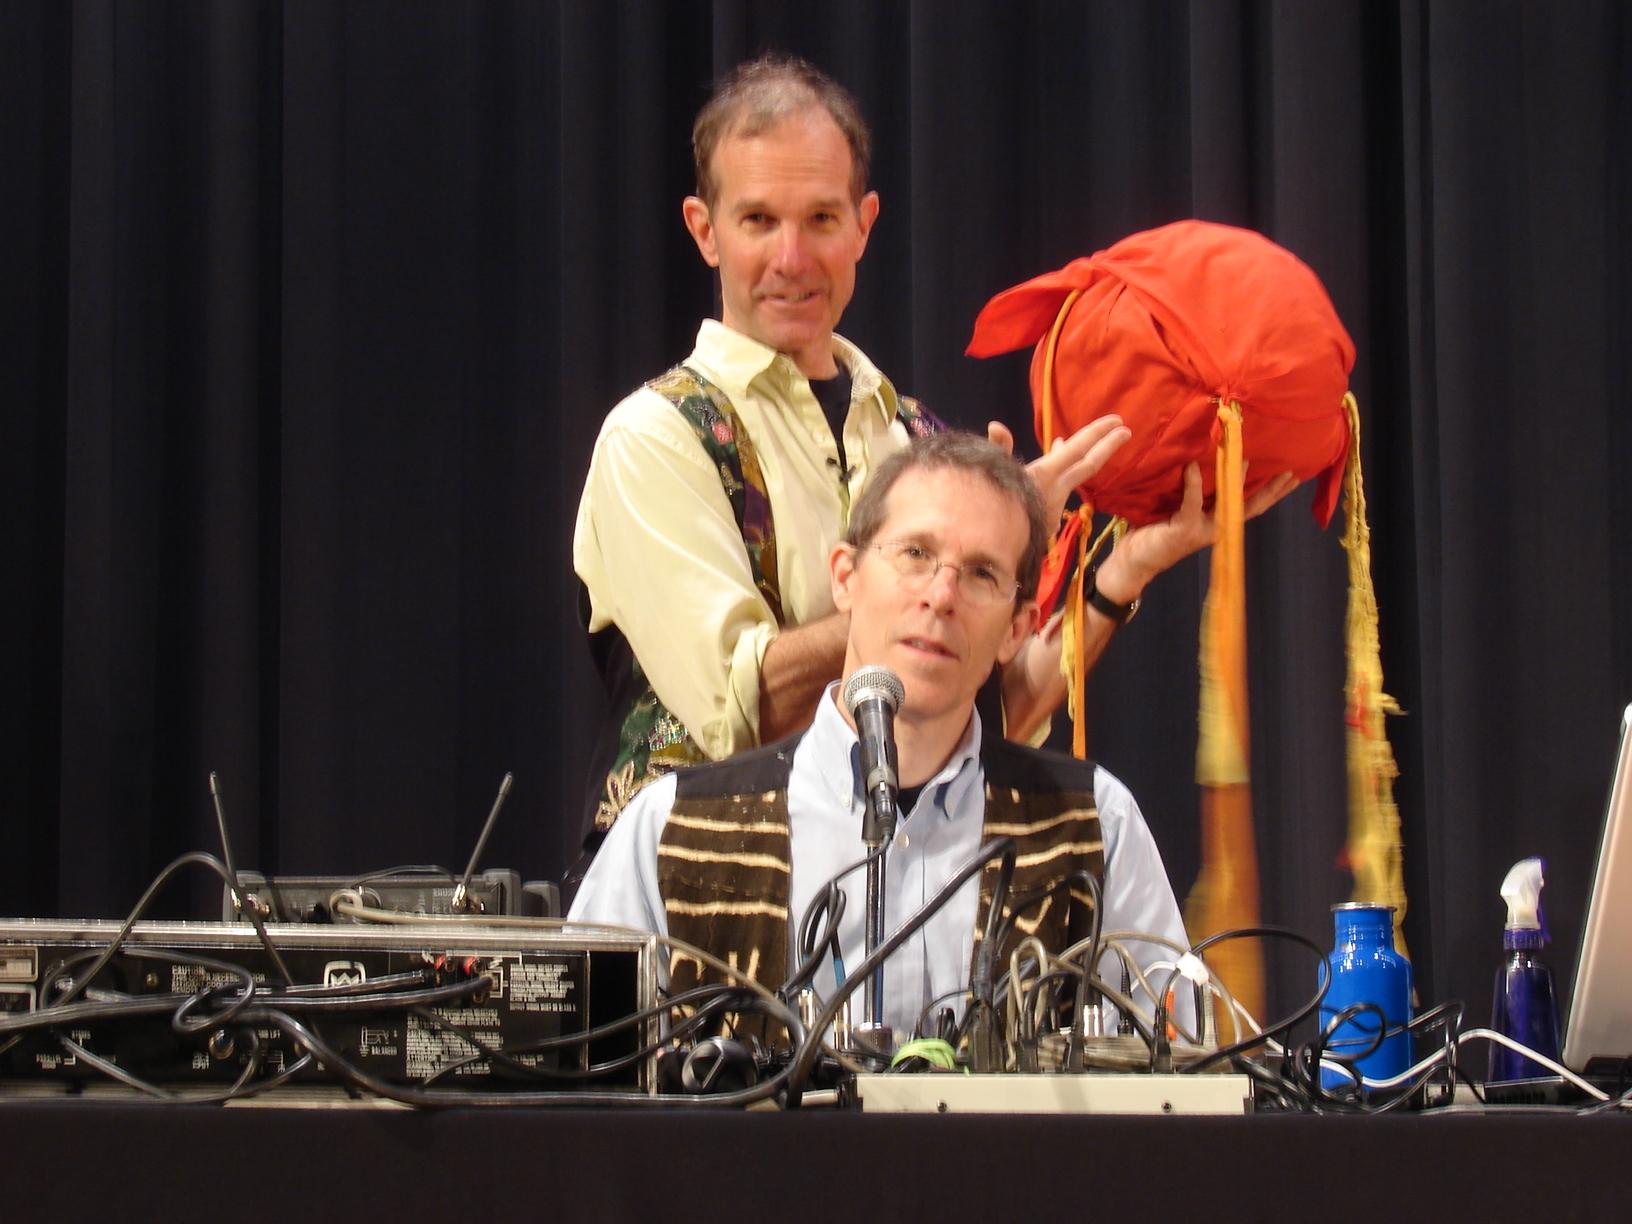 Bill and David Mettler